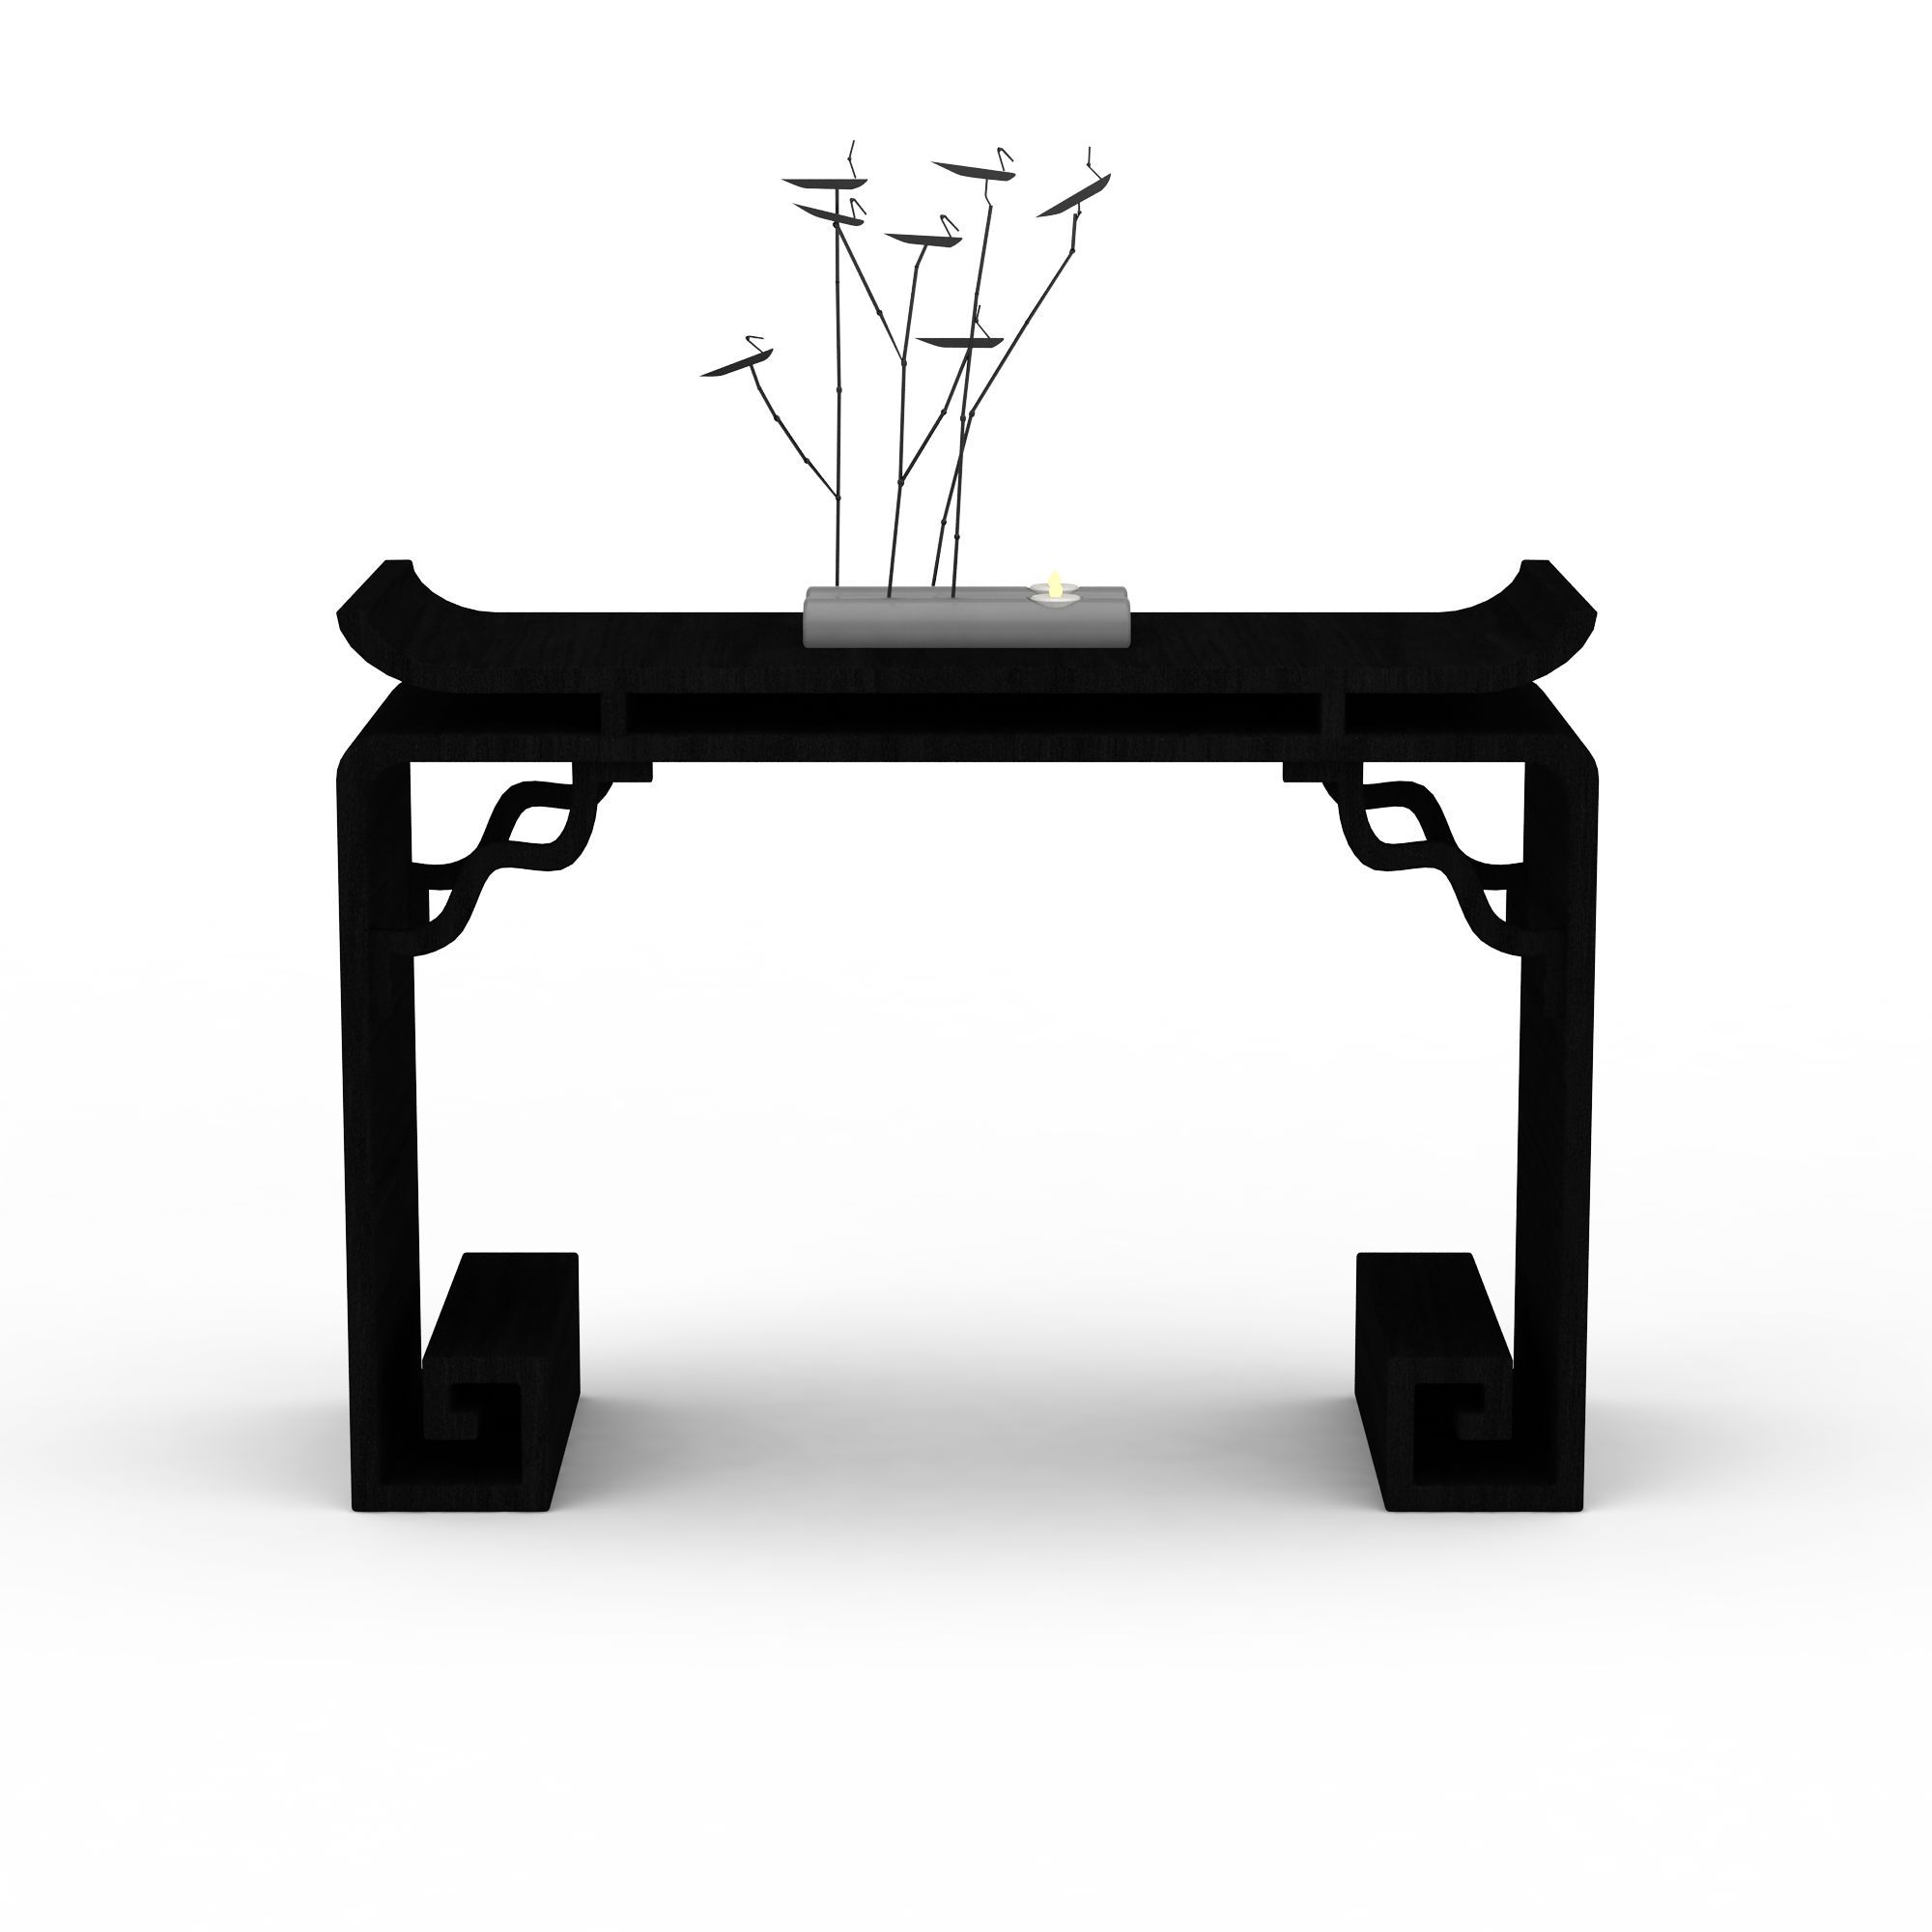 上传时间 2015/01/04  关键词:案几组合3d模型黑色案几3d模型中式案几图片